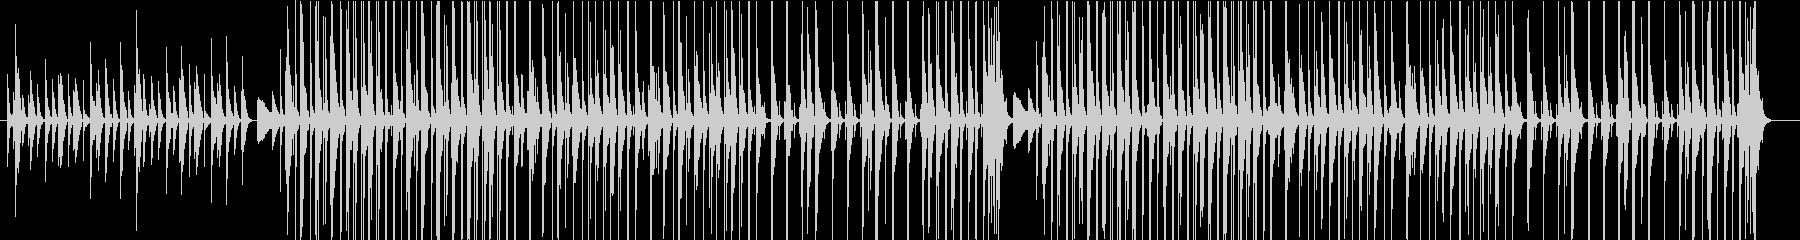 ほのぼのしたアコースティックアンサンブルの未再生の波形